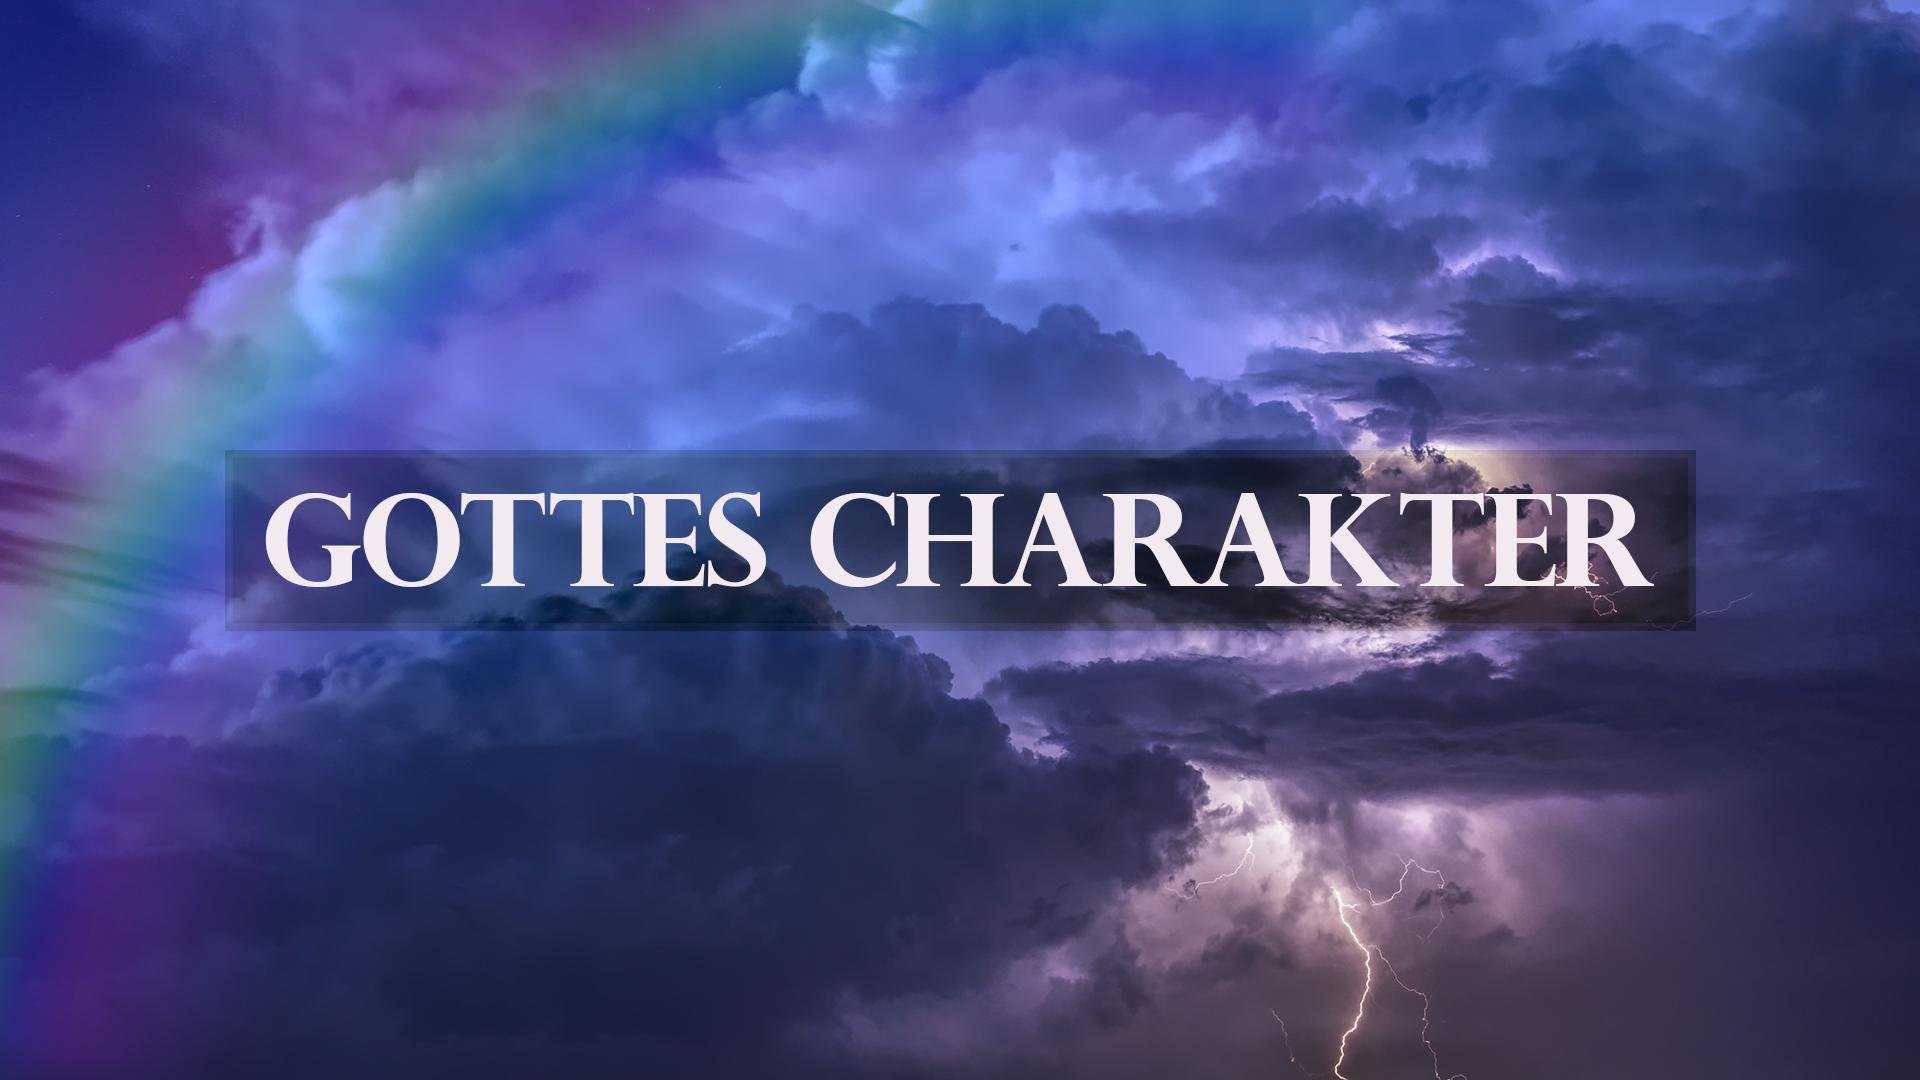 Gottes Charakter - Gott stellt sich vor [audio]